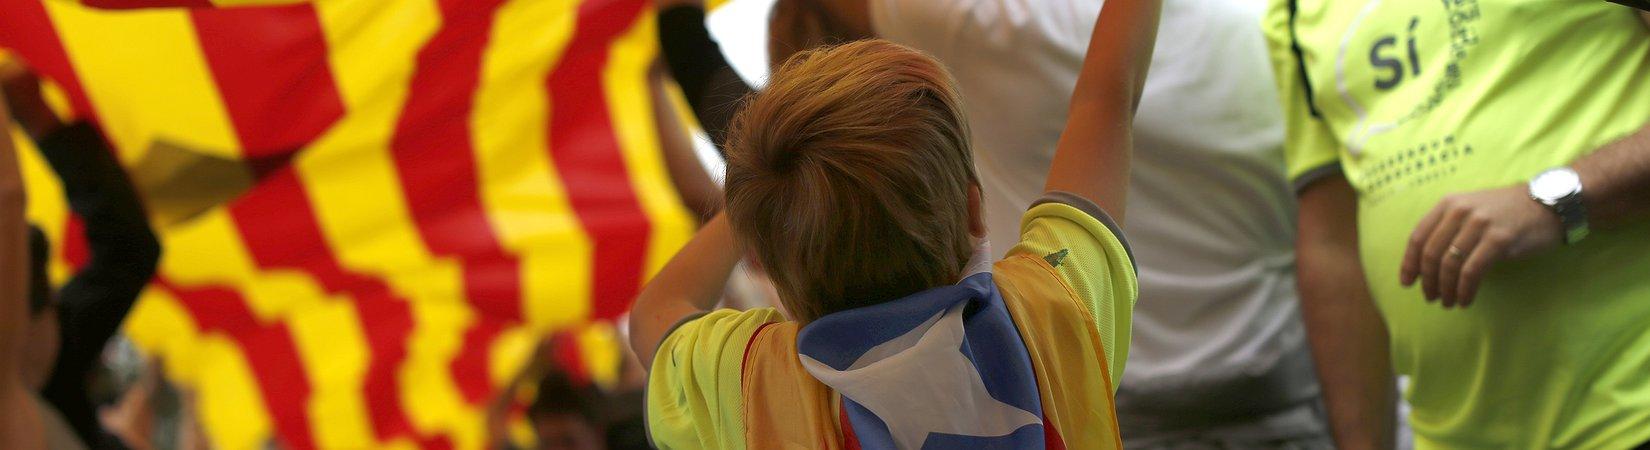 Dia decisivo para a Catalunha e para Espanha